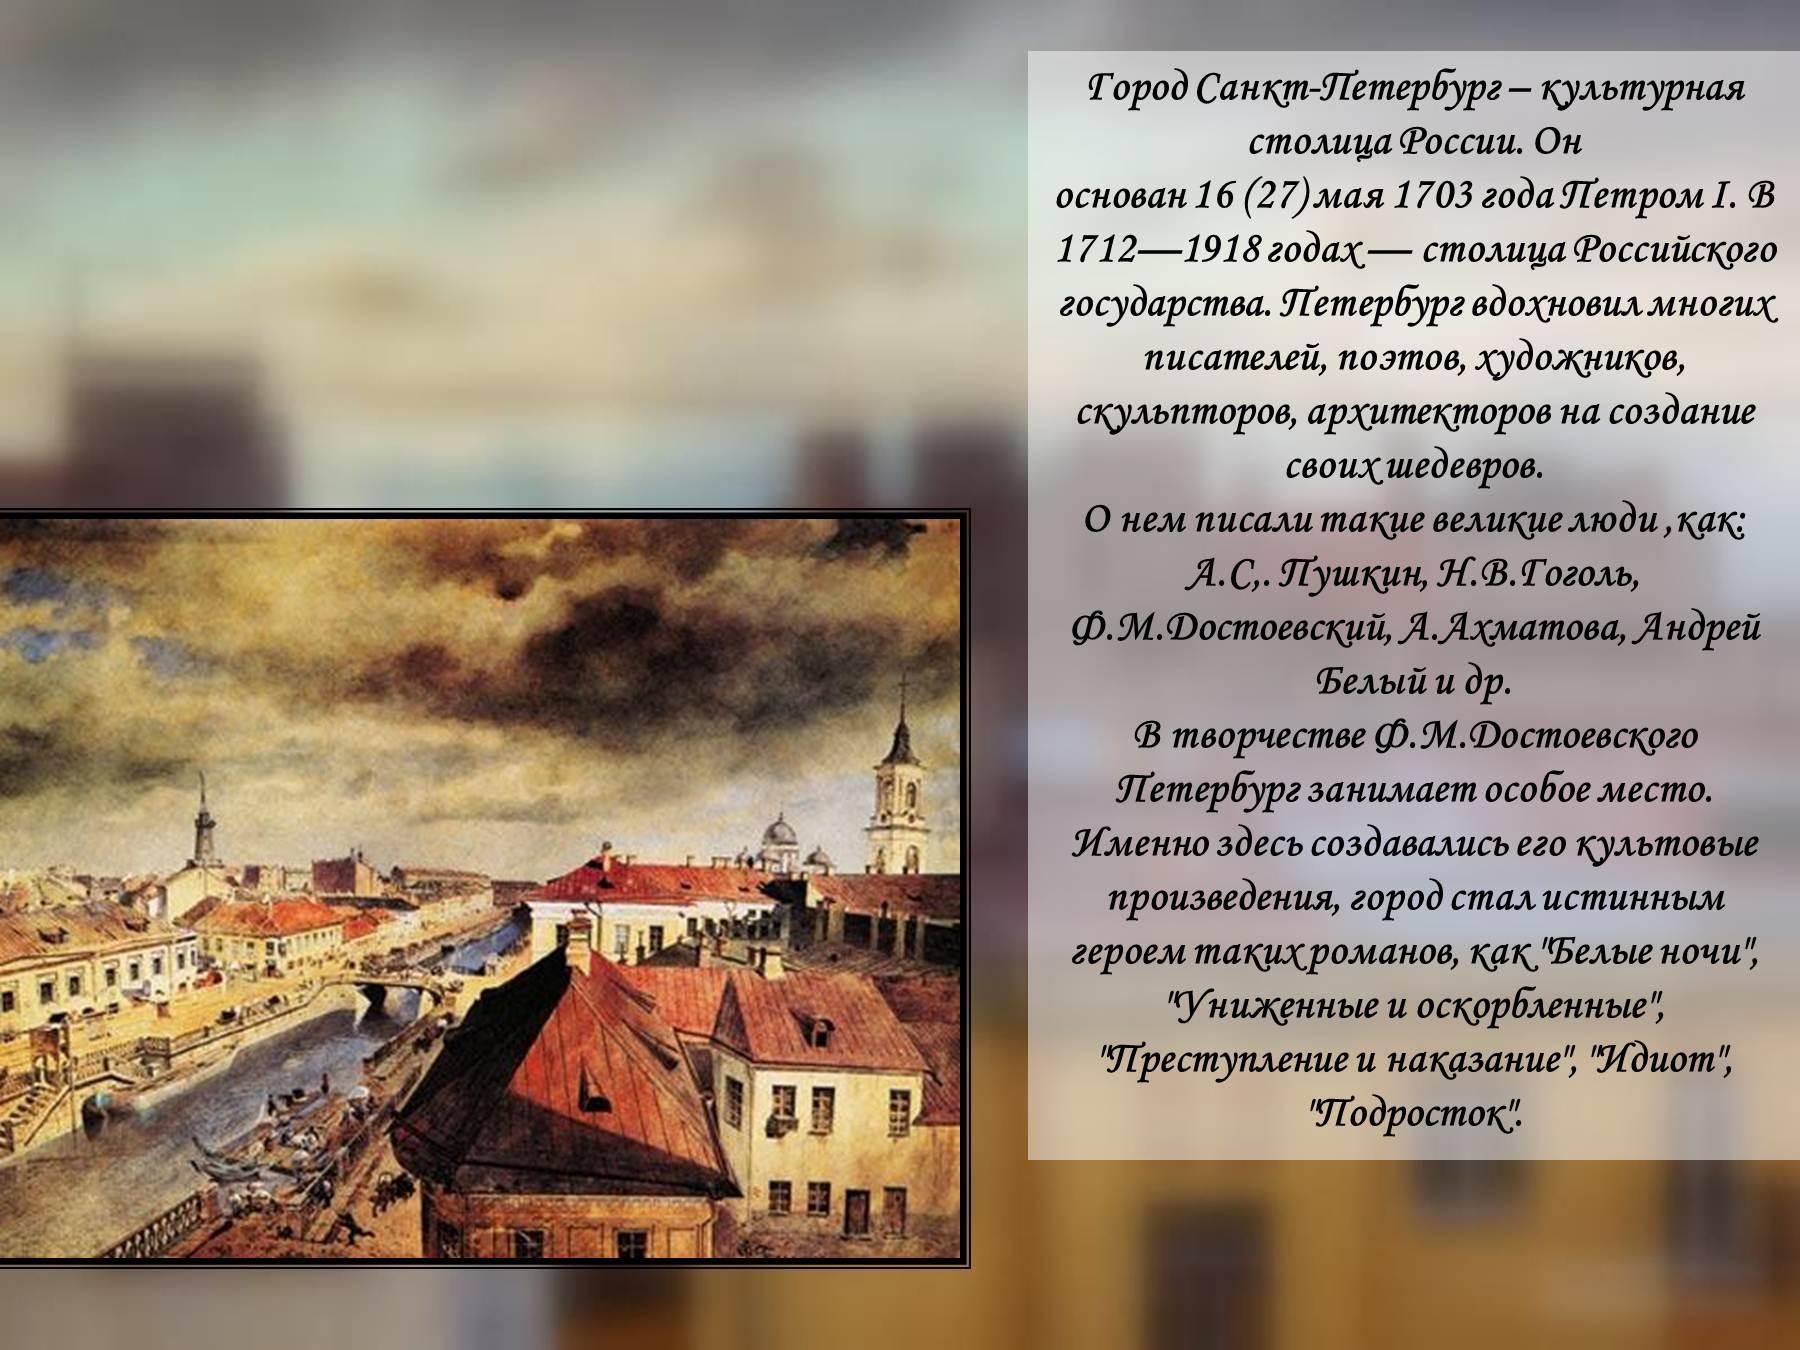 Тему достоевского на петербург презентация